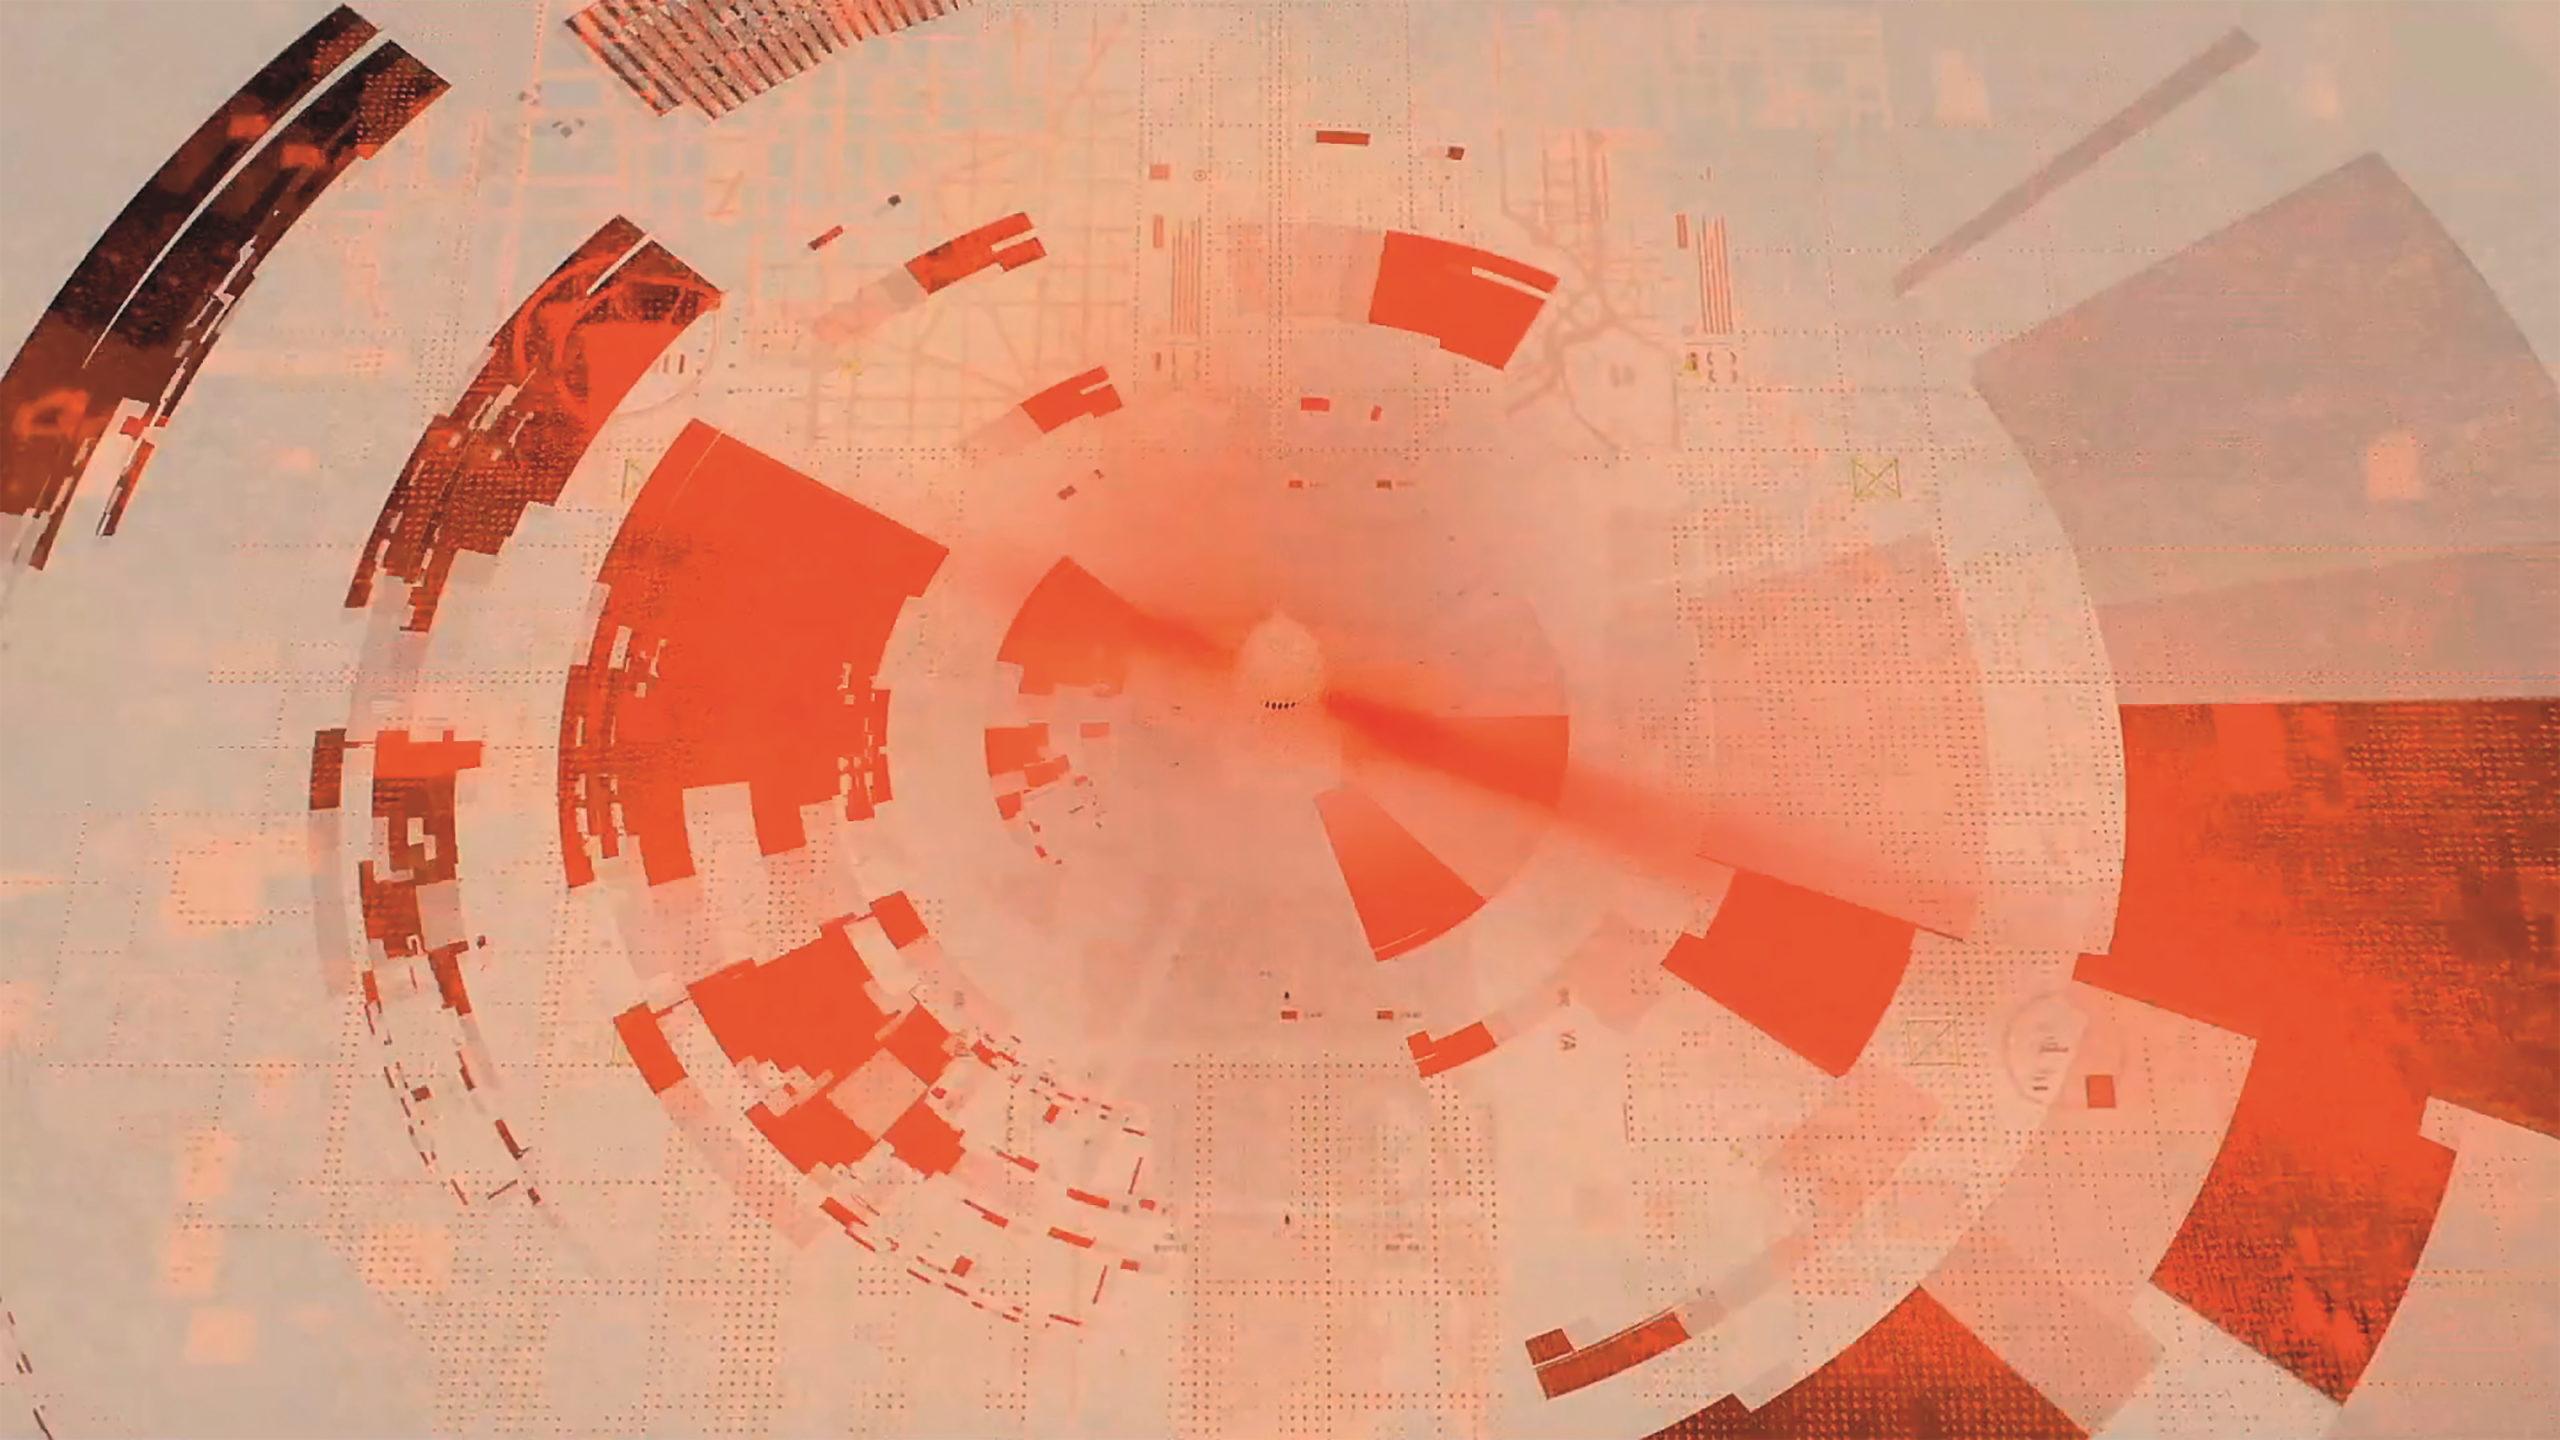 Dominiert wird der Trailer von der Farbe Orange, oft kombiniert mit Pink- und Rottönen.